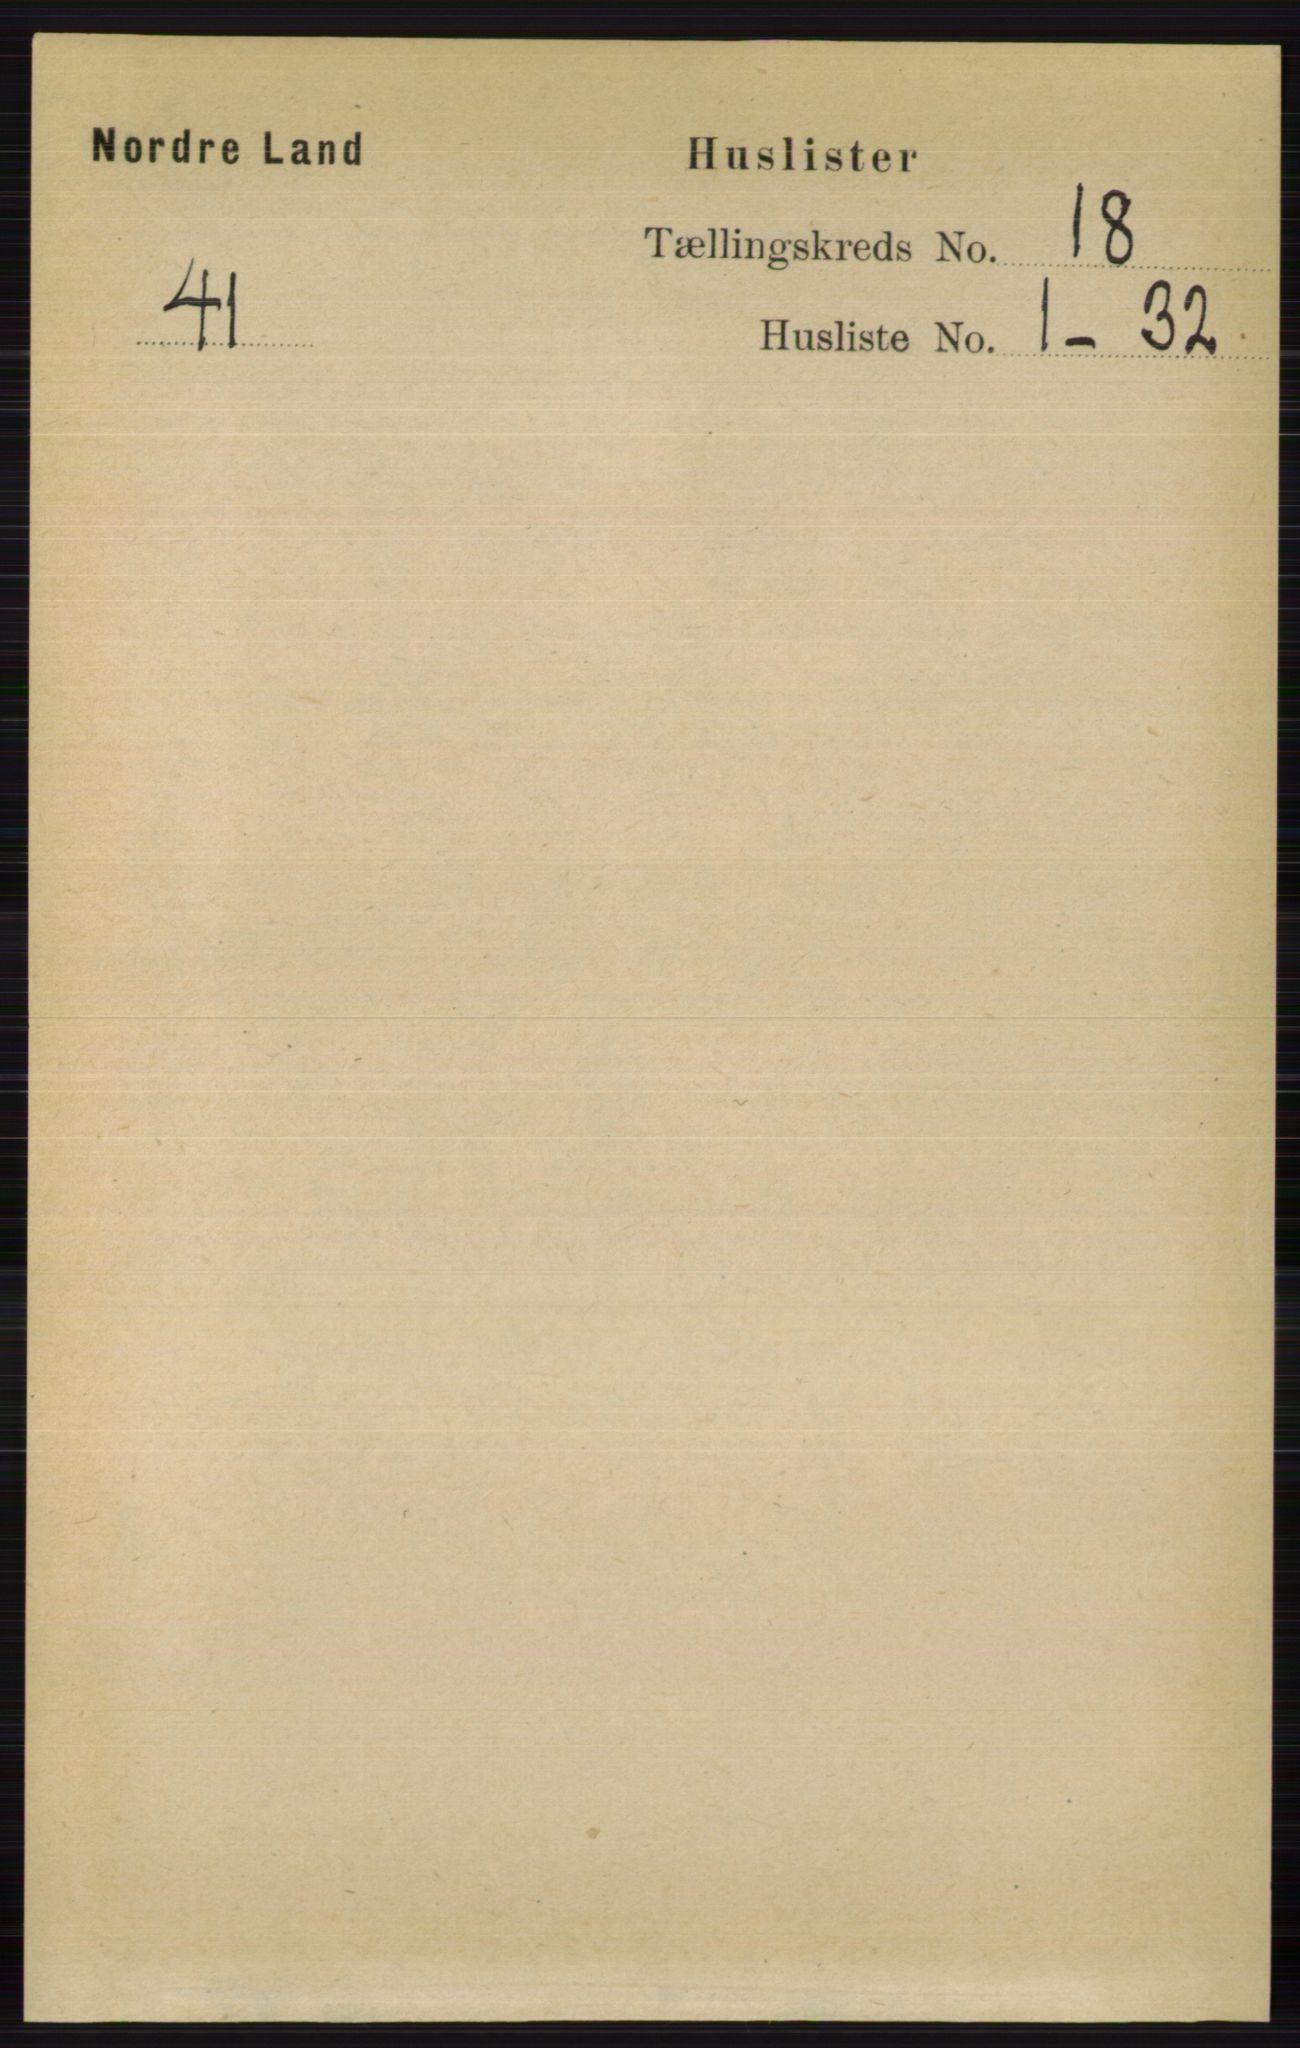 RA, Folketelling 1891 for 0538 Nordre Land herred, 1891, s. 4353